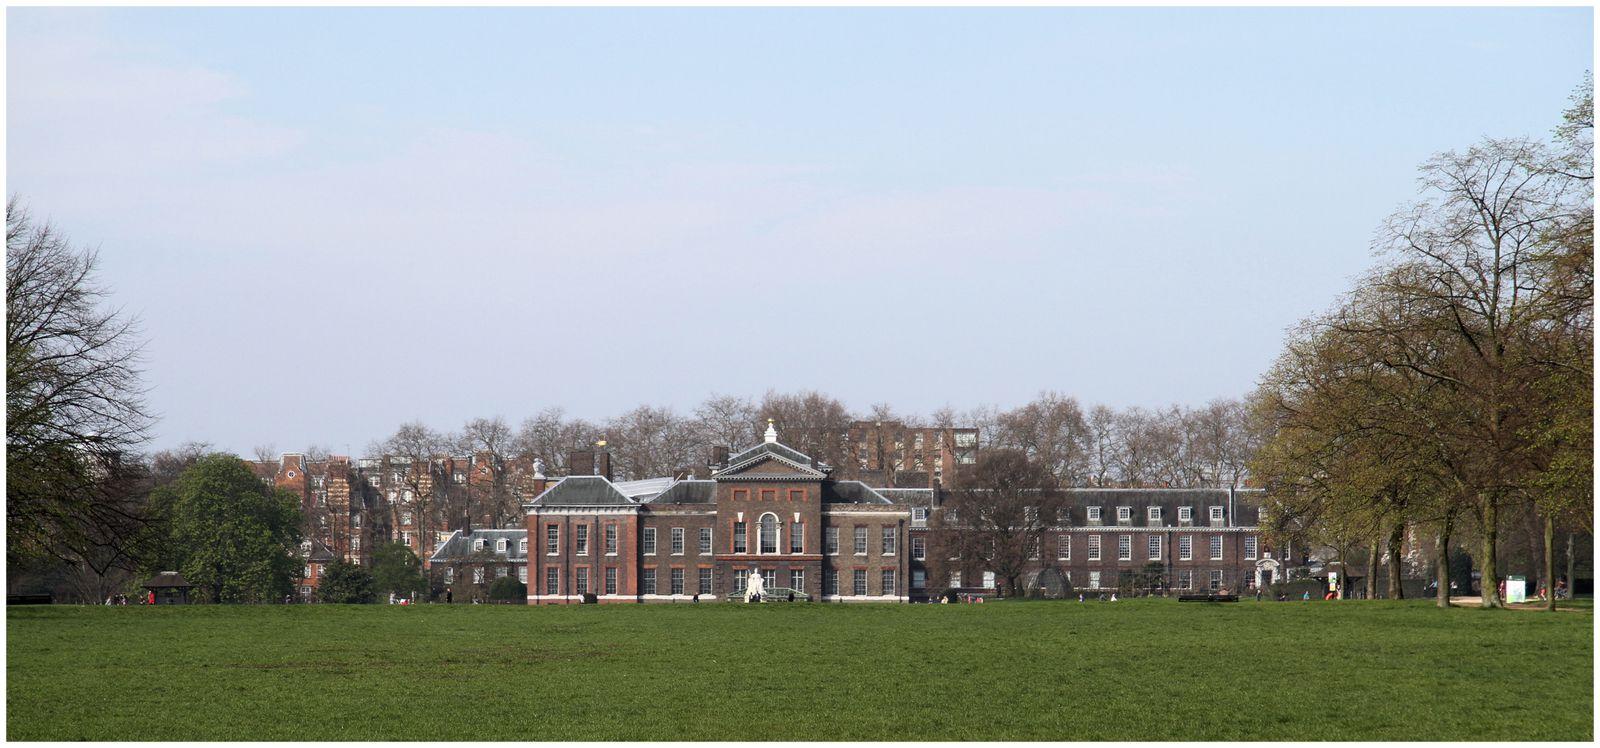 Hyde Park et ses fontaines,Kensington Palace,des rencontres amusantes.